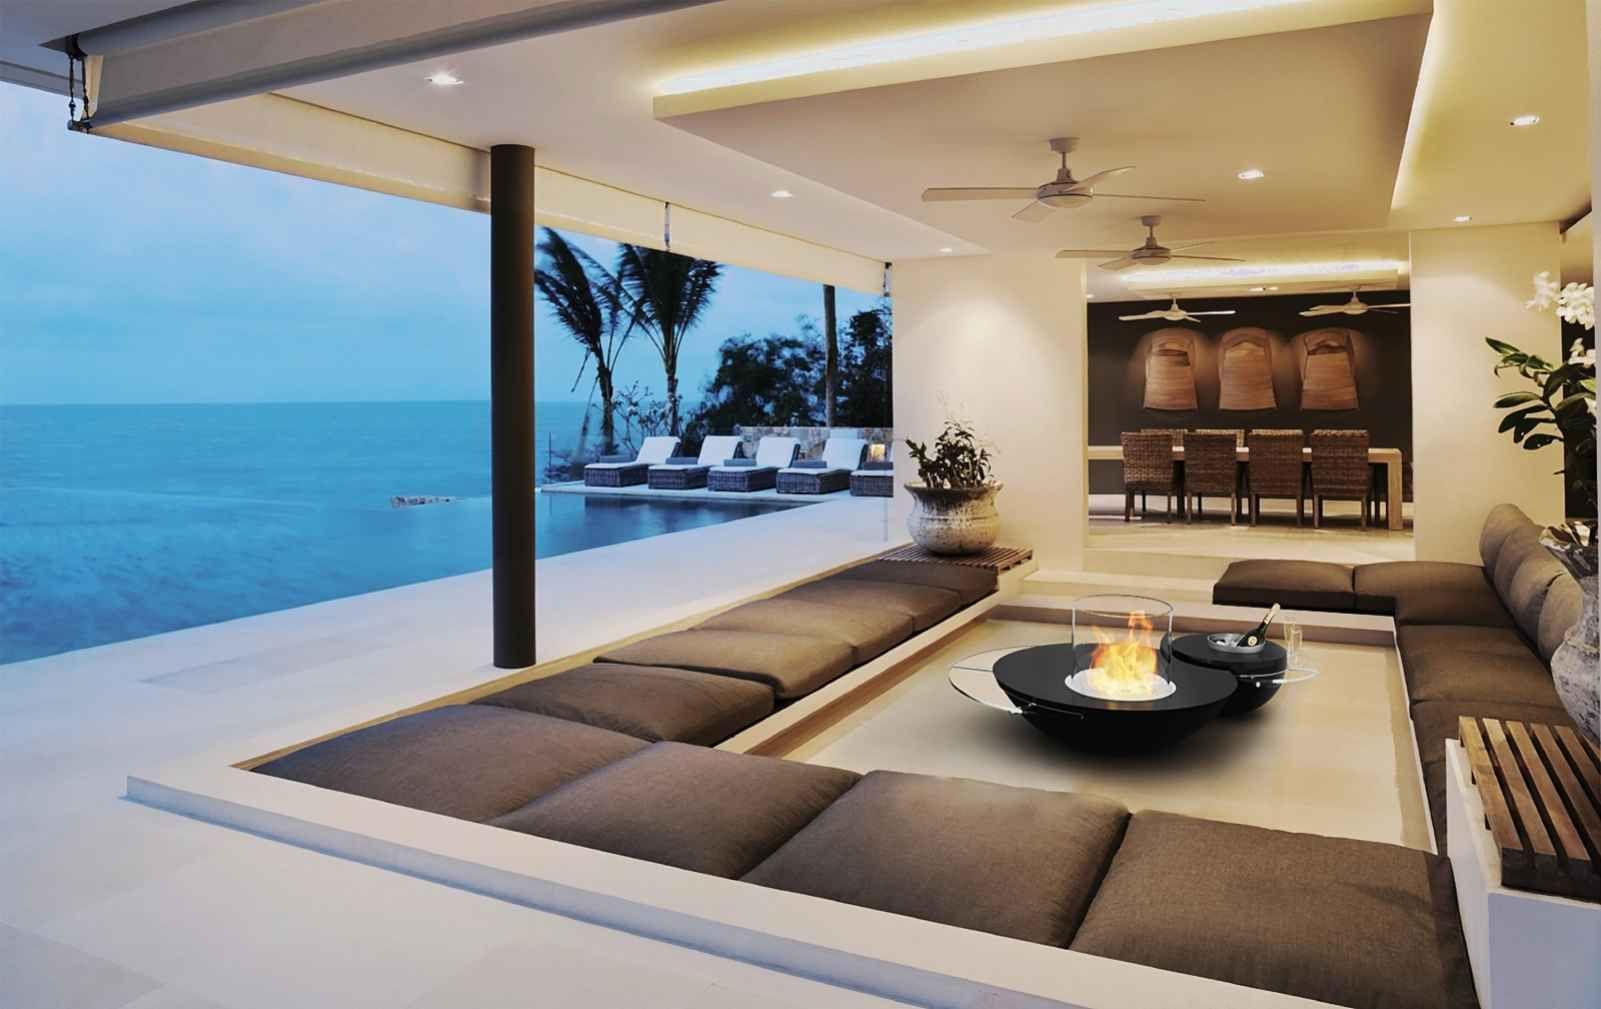 einrichtungsideen f r offene r ume mit deko bioethanol kamin von glamm fire garten balkon und. Black Bedroom Furniture Sets. Home Design Ideas